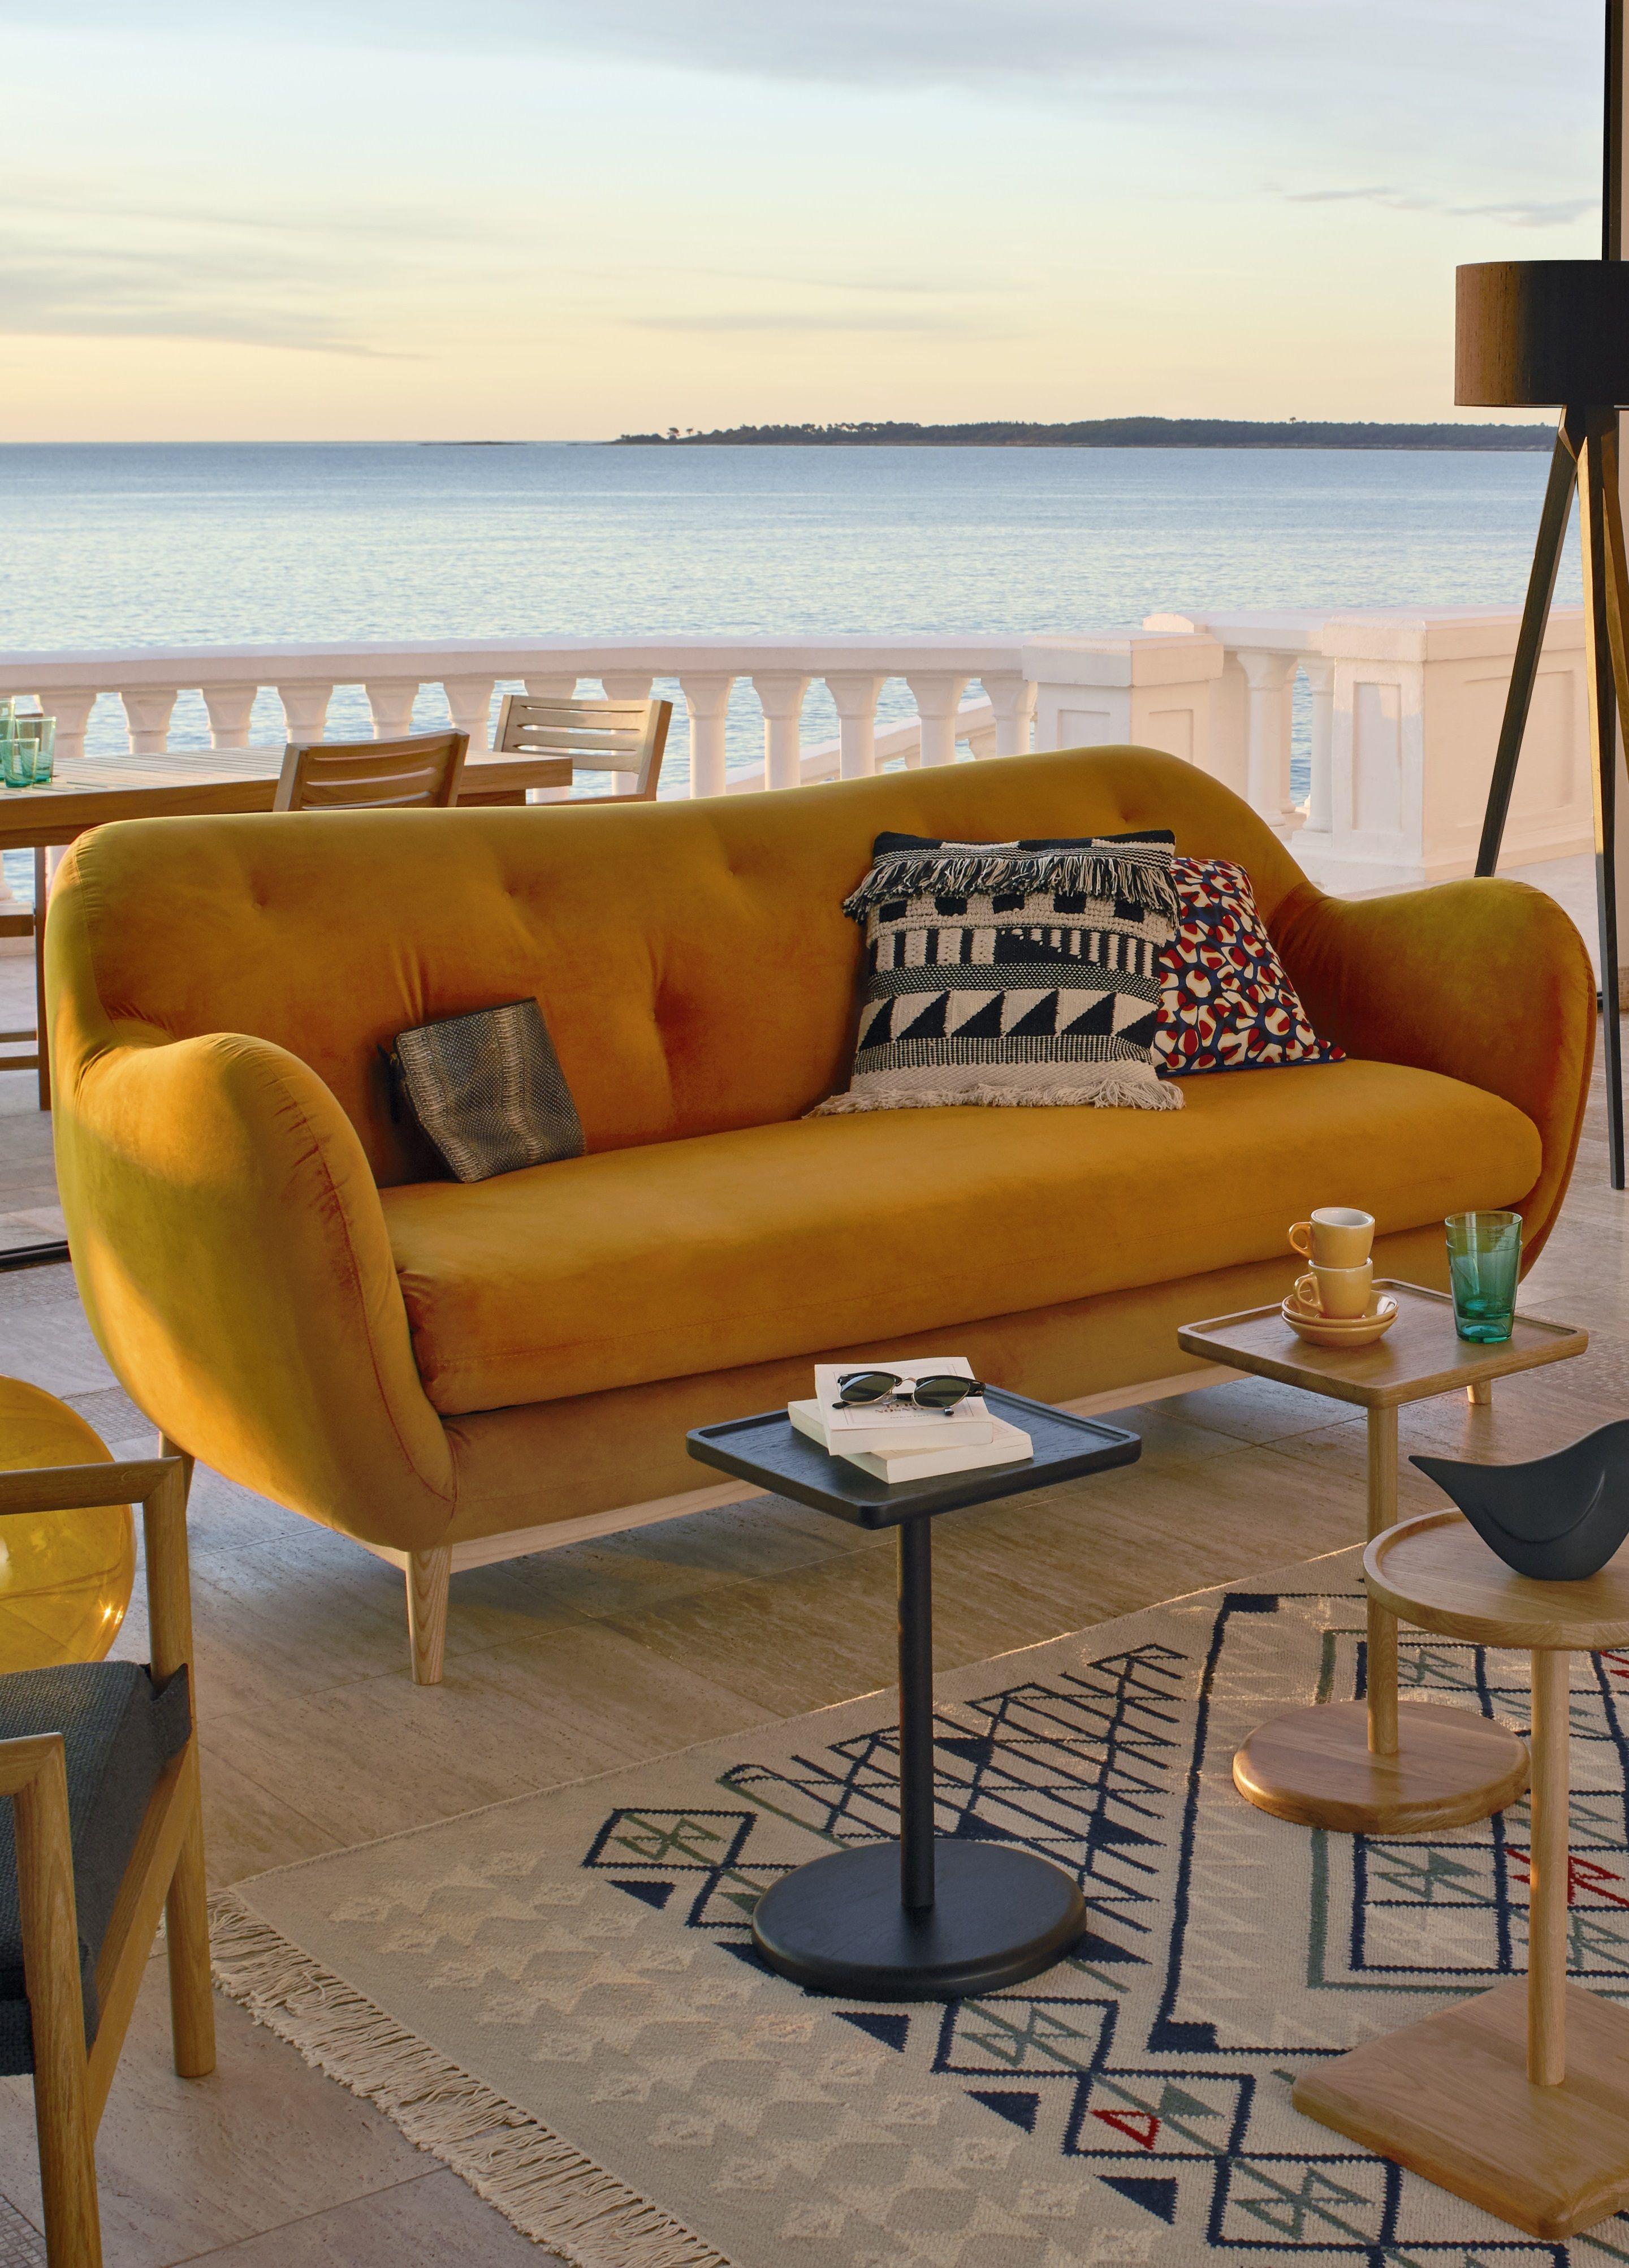 Son Design Tres Annees 50 A Ete Revisite Par Le Studio De Design Habitat Ses Pieds Fuseles Lui Apporte De La Legere Canape Habitat Salon Jaune Canape 3 Places